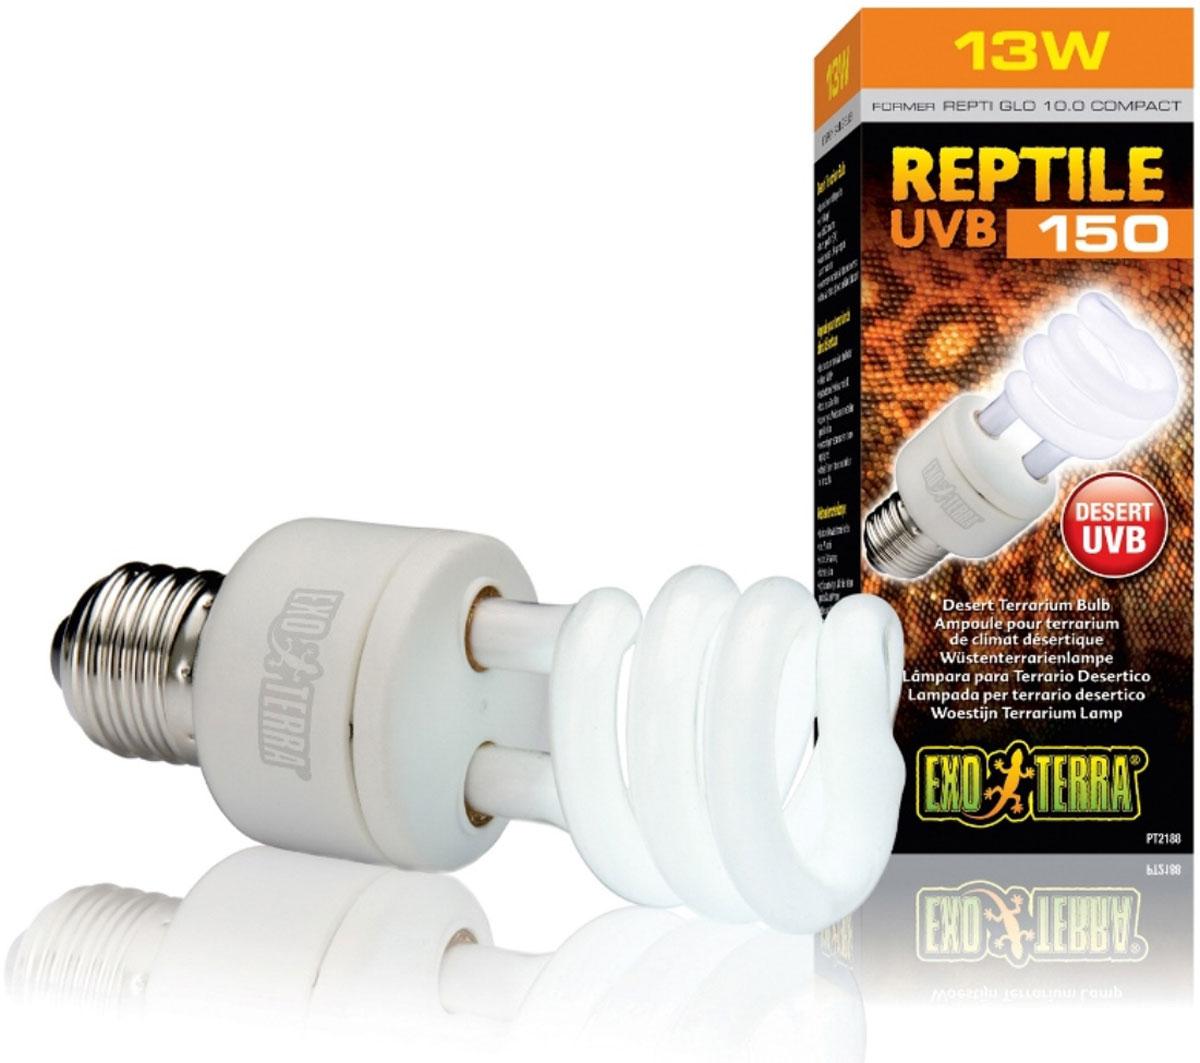 Лампа Exo Terra Repti Glo 10.0 Compact, 13 Вт exiteq exo 1